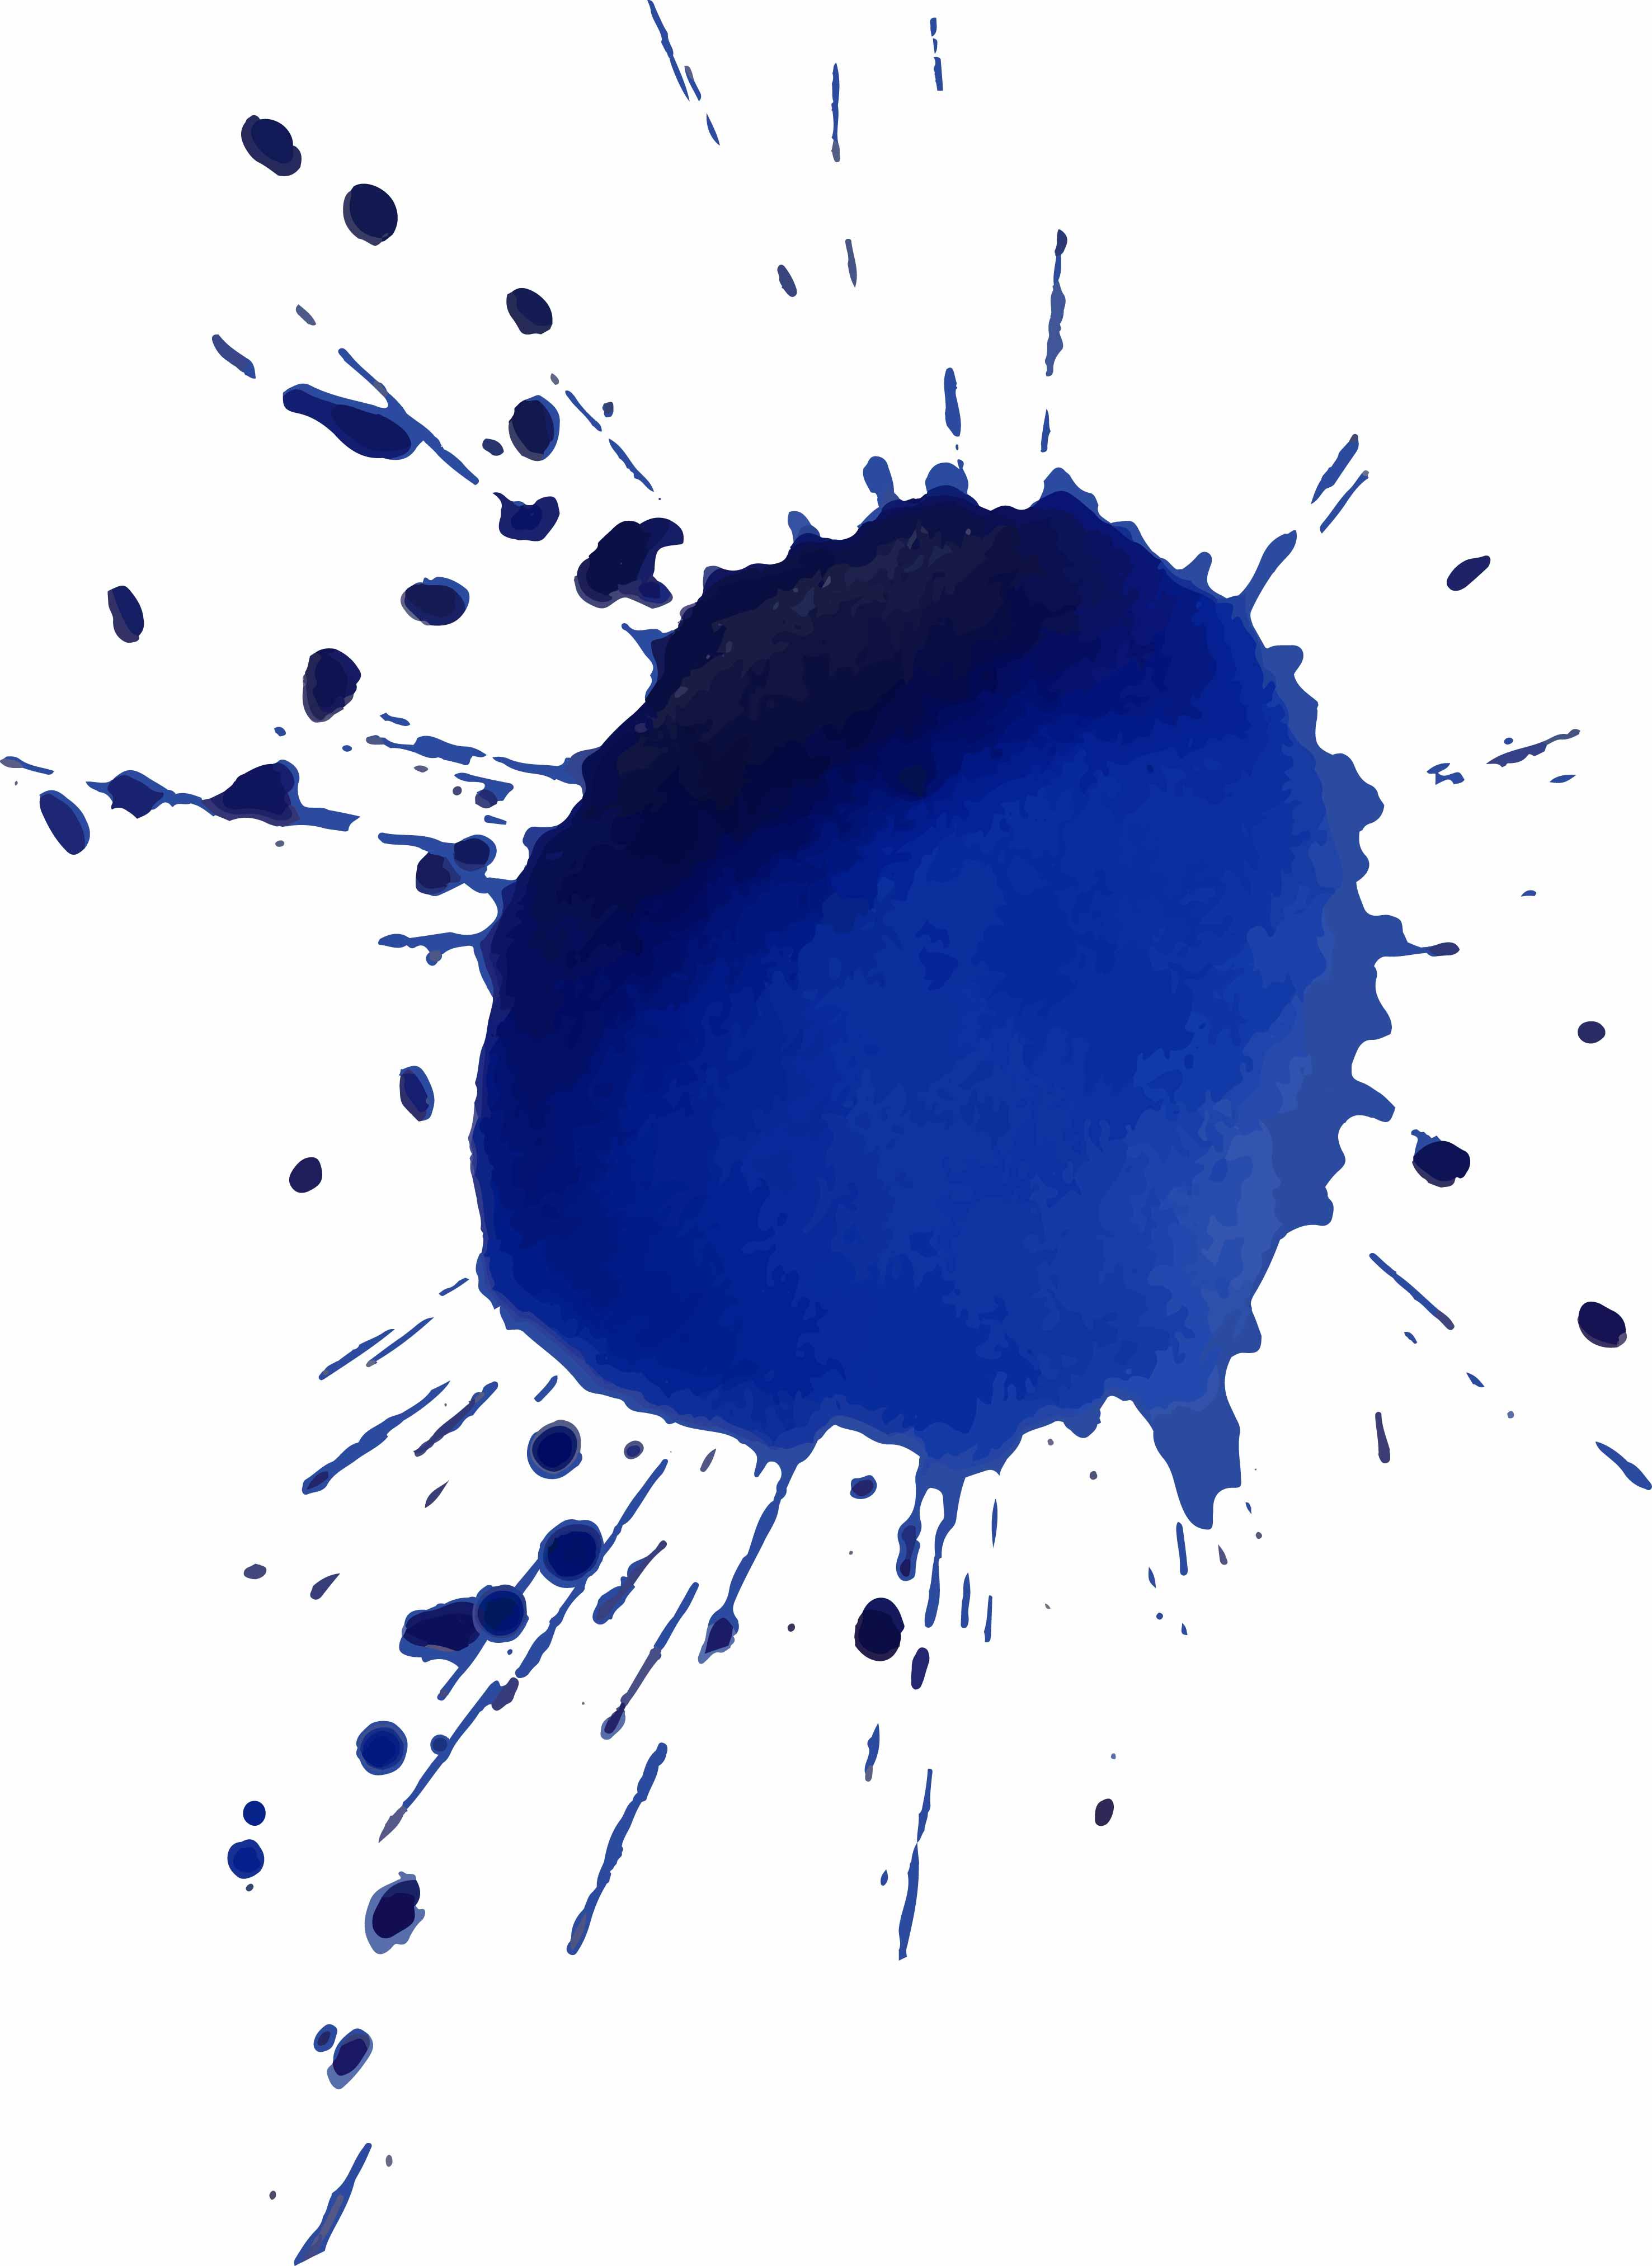 l u0026 39 aquarelle splash grunge tache la peinture sale image de fond pour le t u00e9l u00e9chargement gratuit